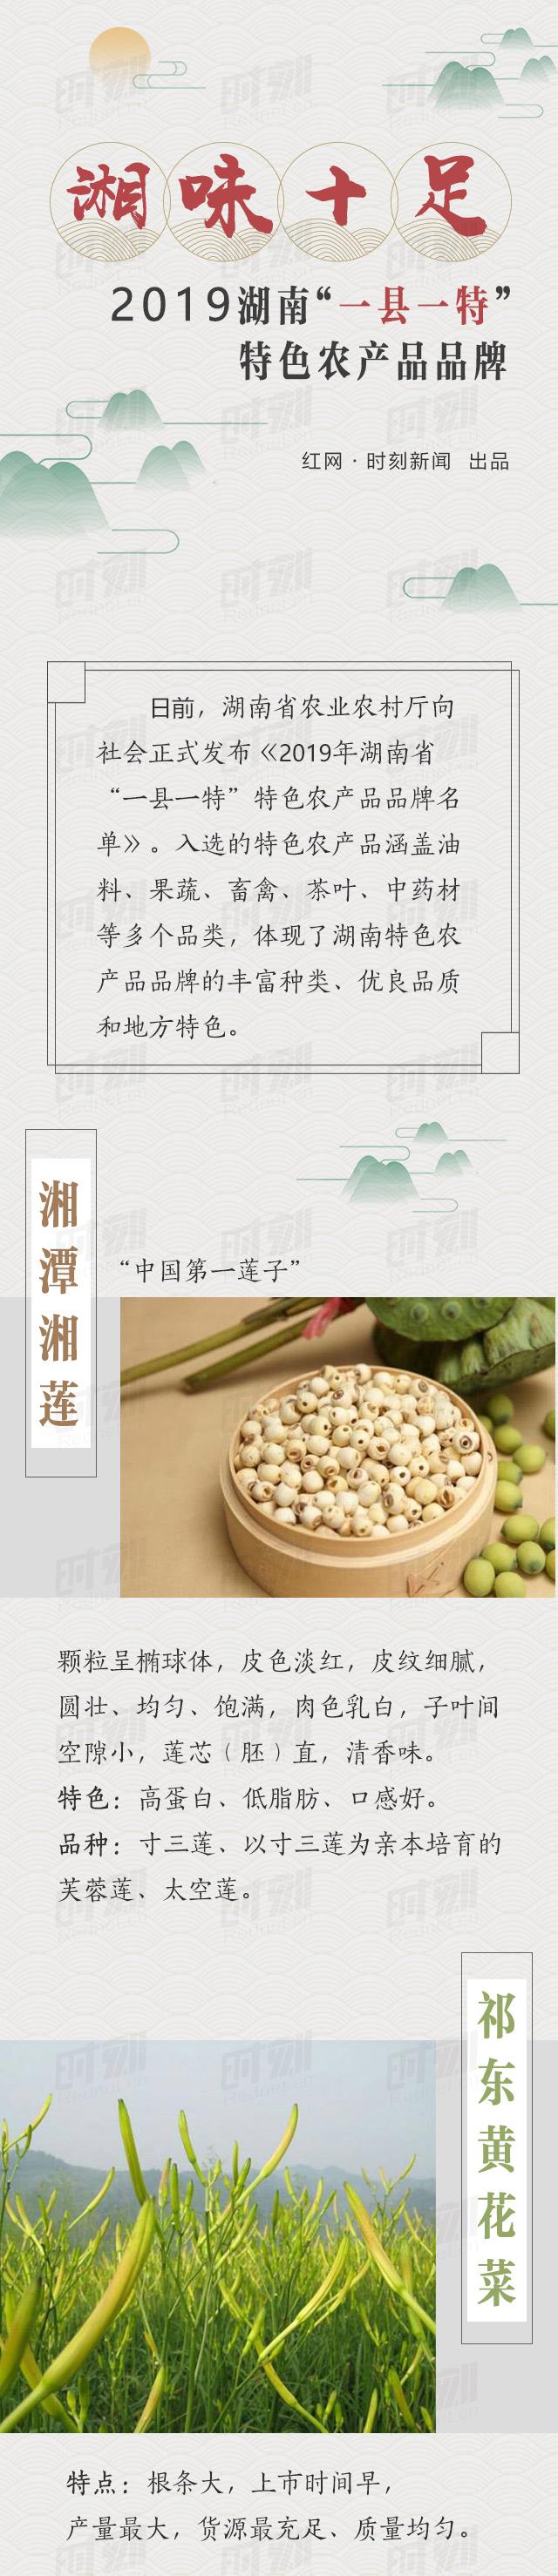 """图解丨湘味十足!2019湖南""""一县一特""""特色农产品品牌"""